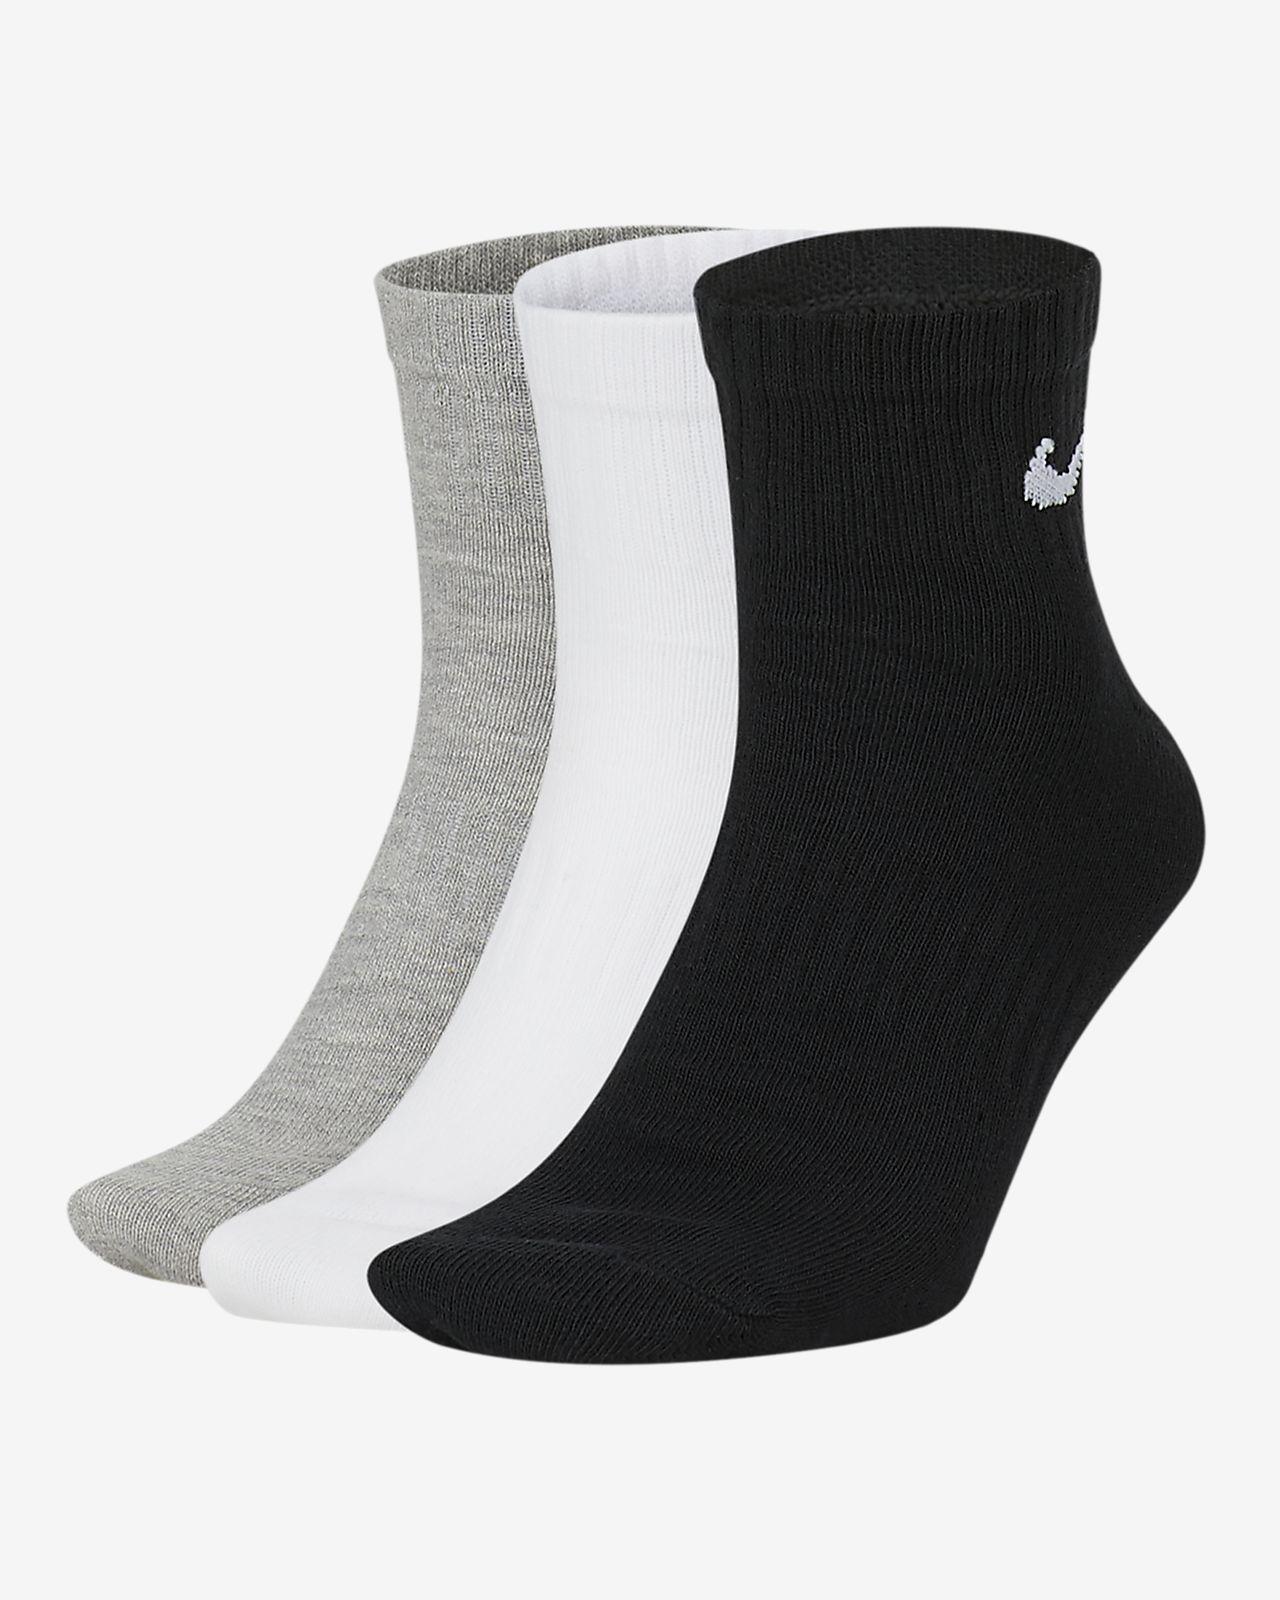 Nike Everyday Lightweight Calcetines de entrenamiento hasta el tobillo (3 pares)